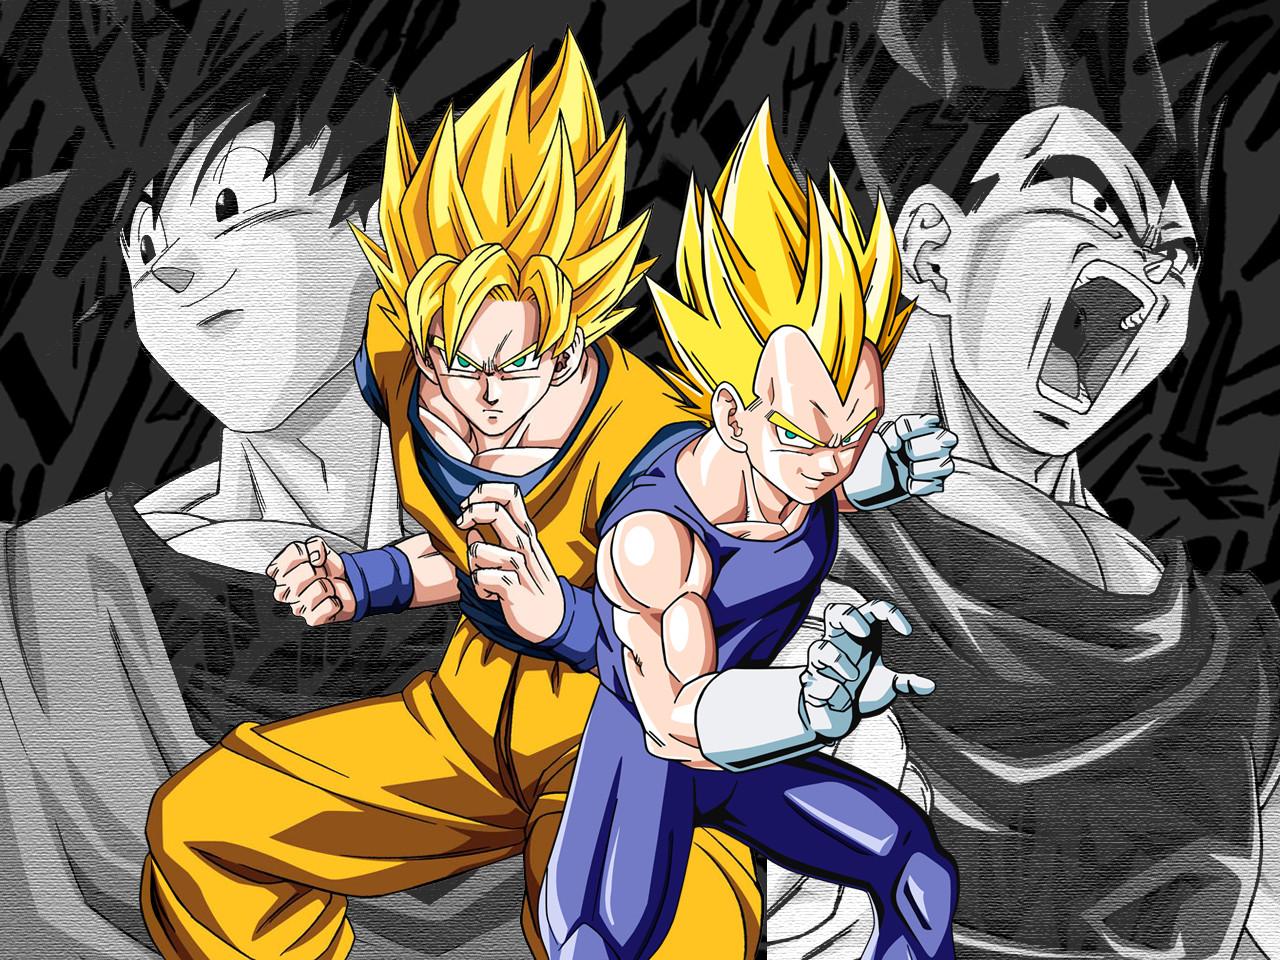 DBZ Goku SSJ4   wallpaper 1280x960